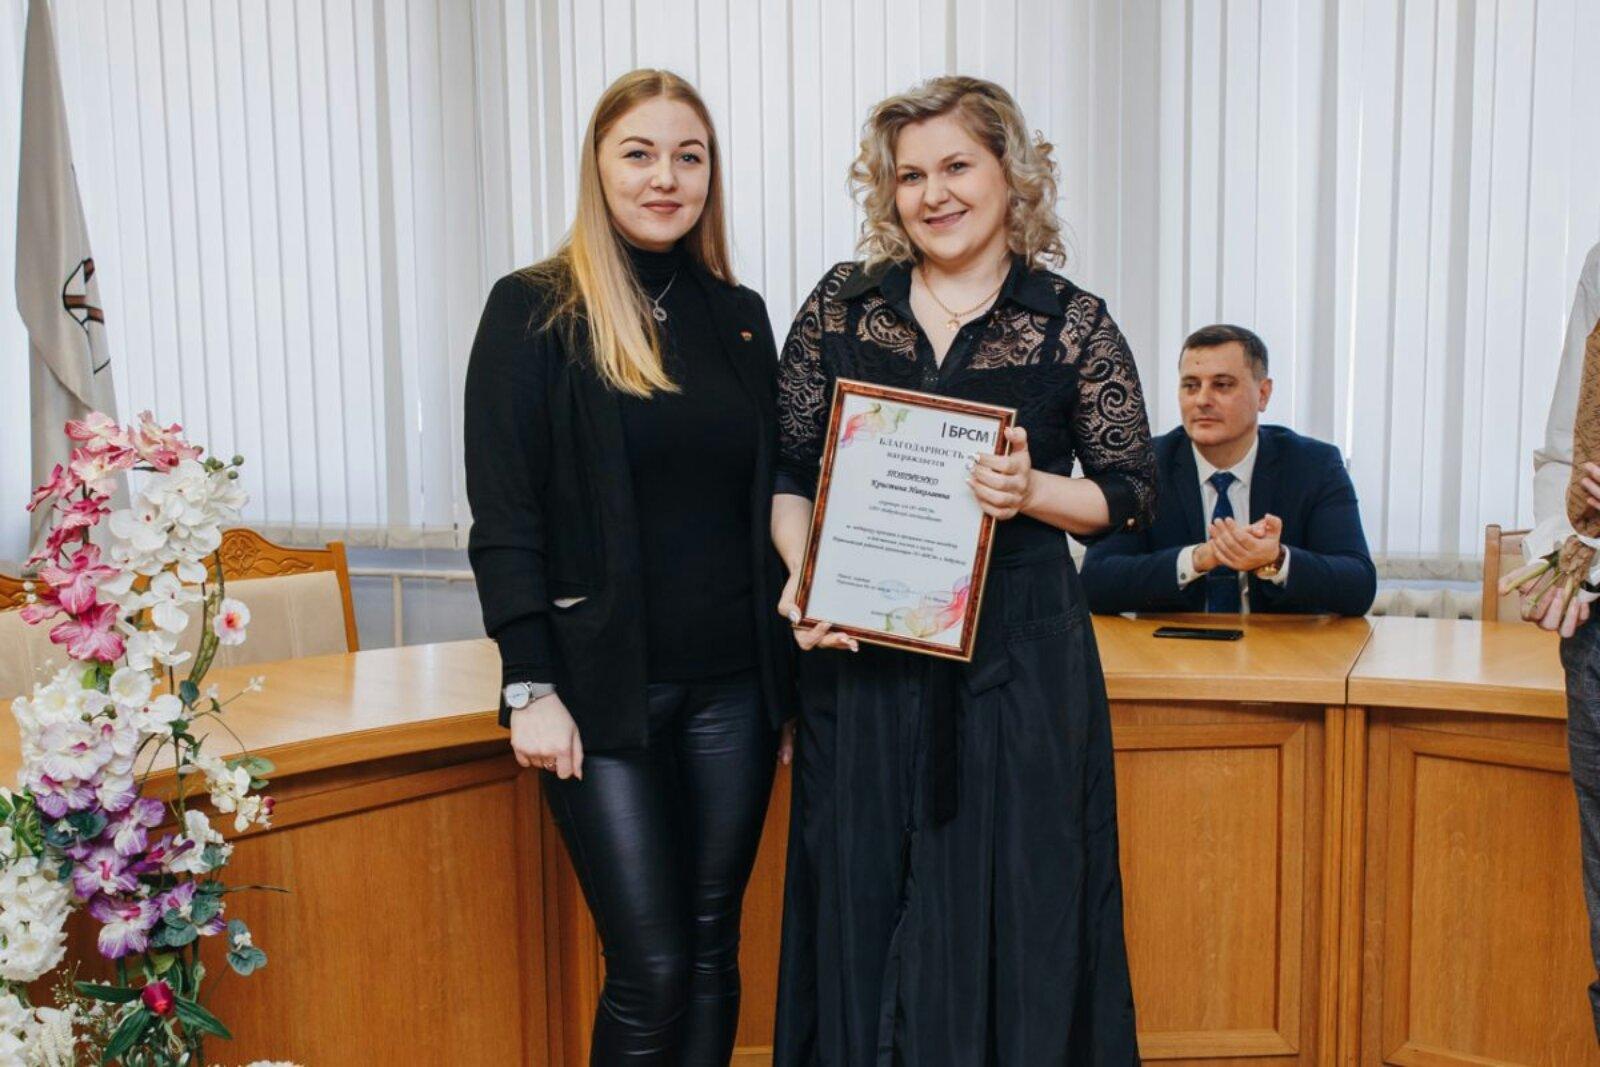 Благодарность Потиенко Кристине Николаевне за поддержку проектов союза молодежи.